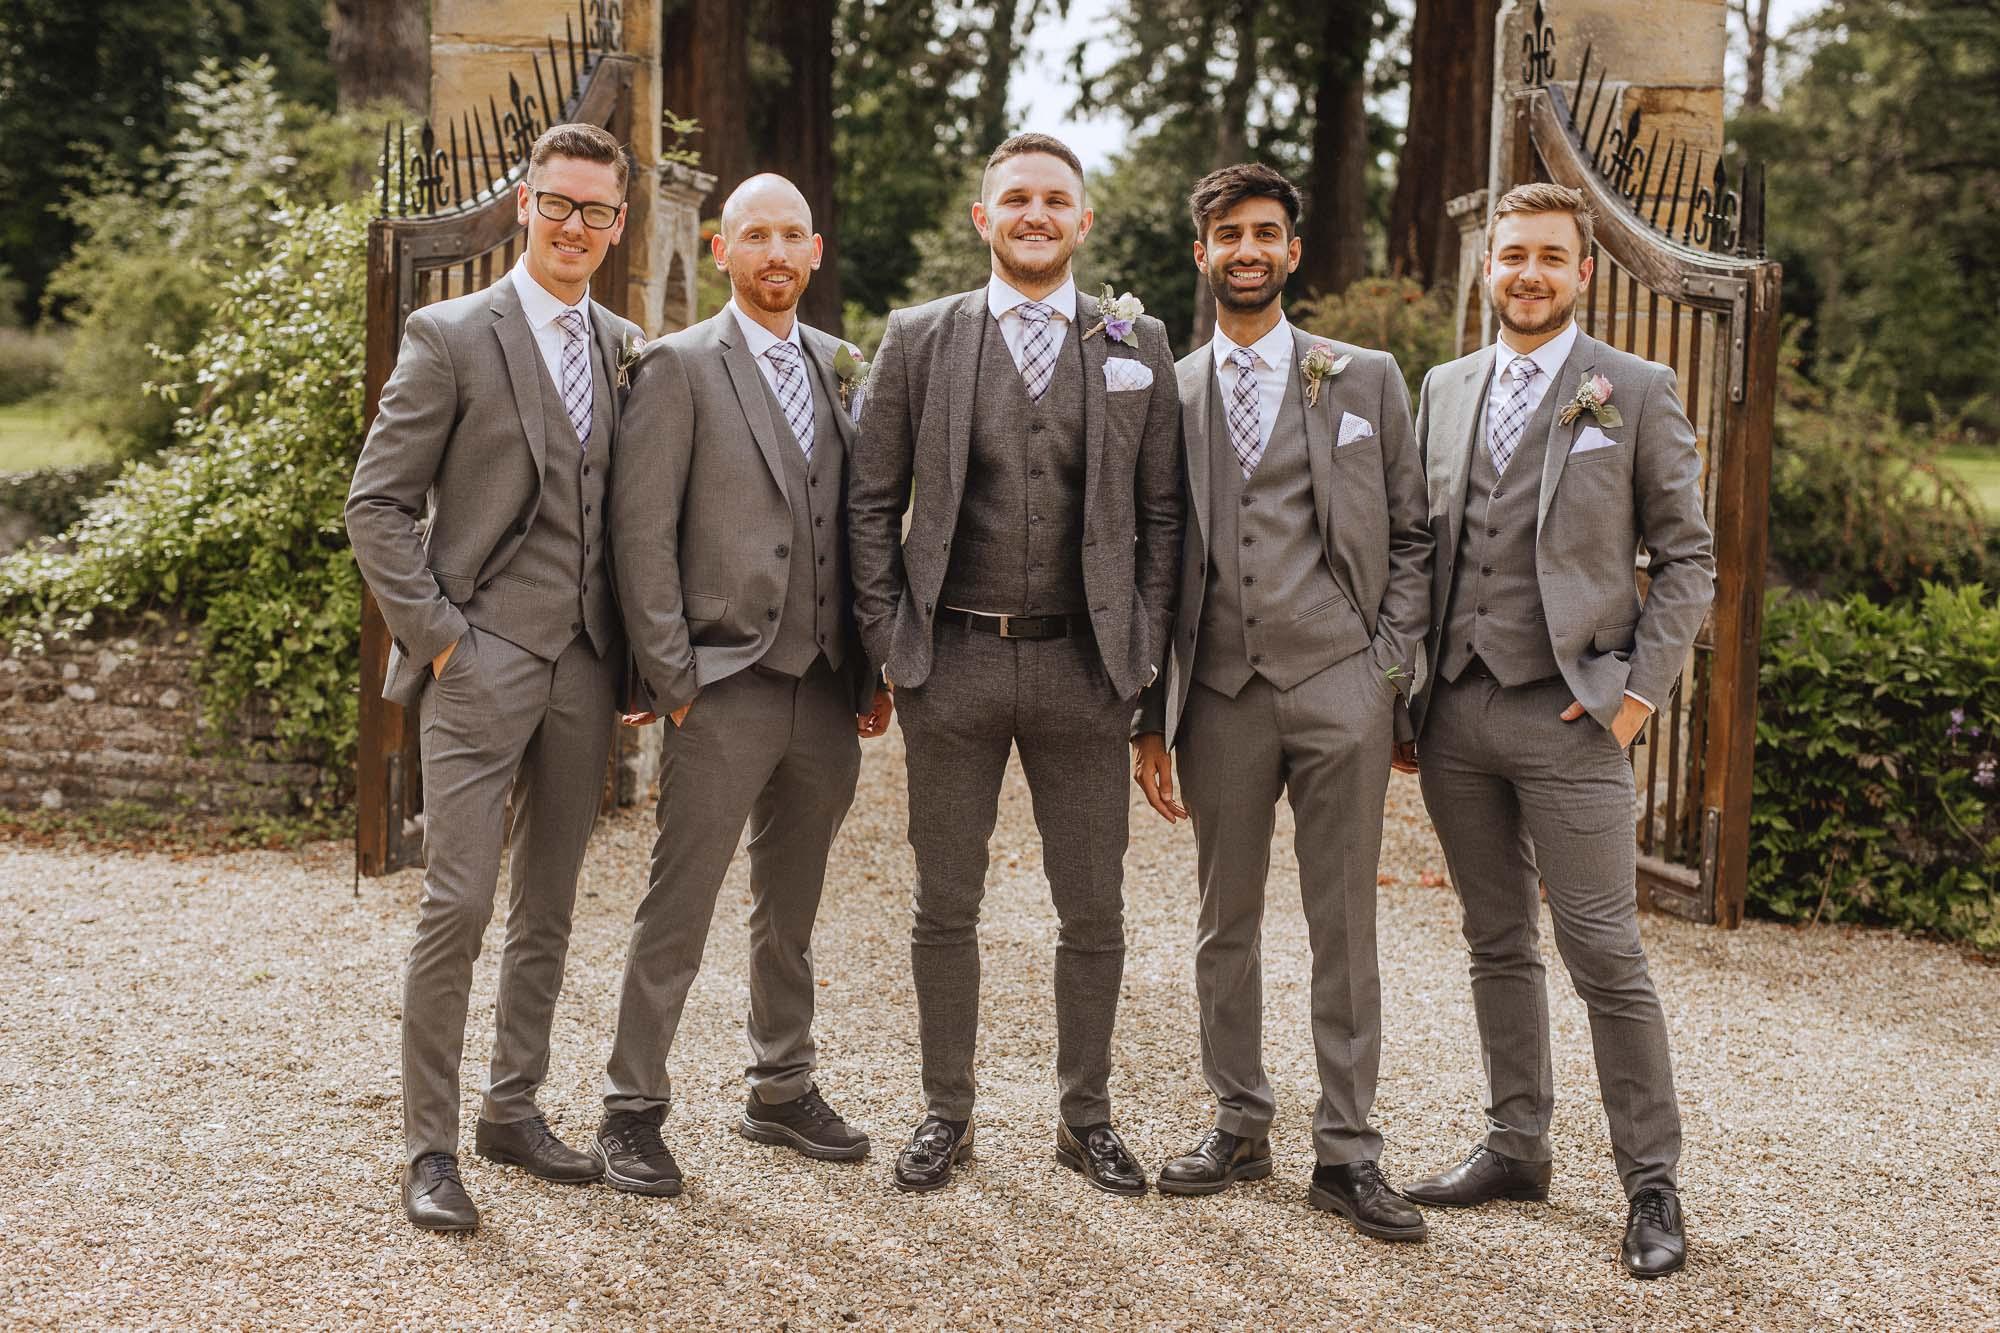 Groombridge-place-wedding-photography-51.jpg